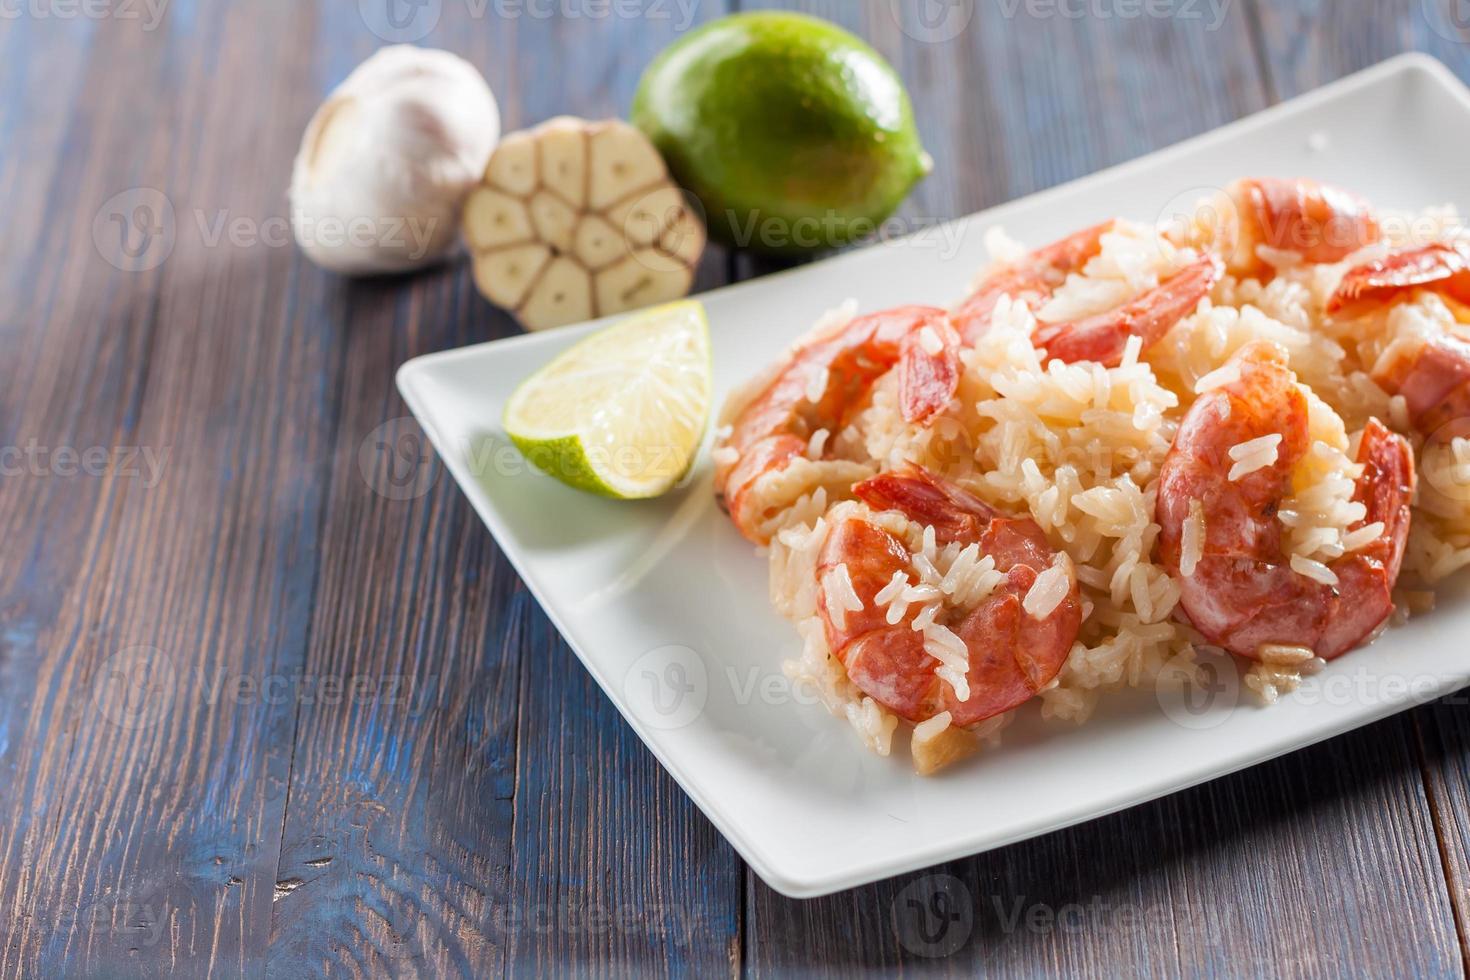 camarão com alho, limão e arroz foto